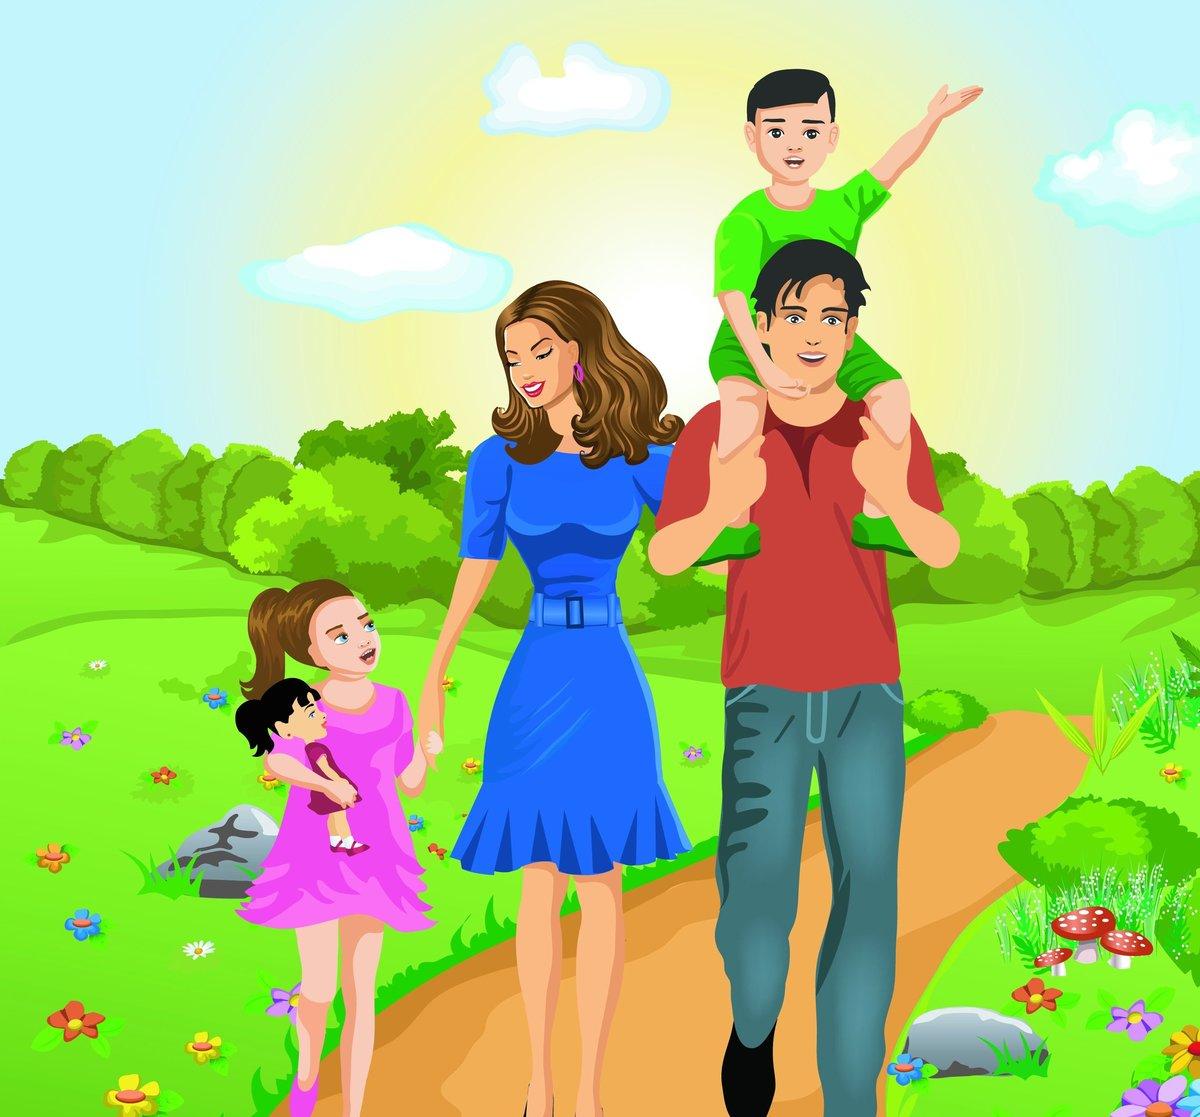 Прикольные картинки на тему семья для ватсапа дизайнер